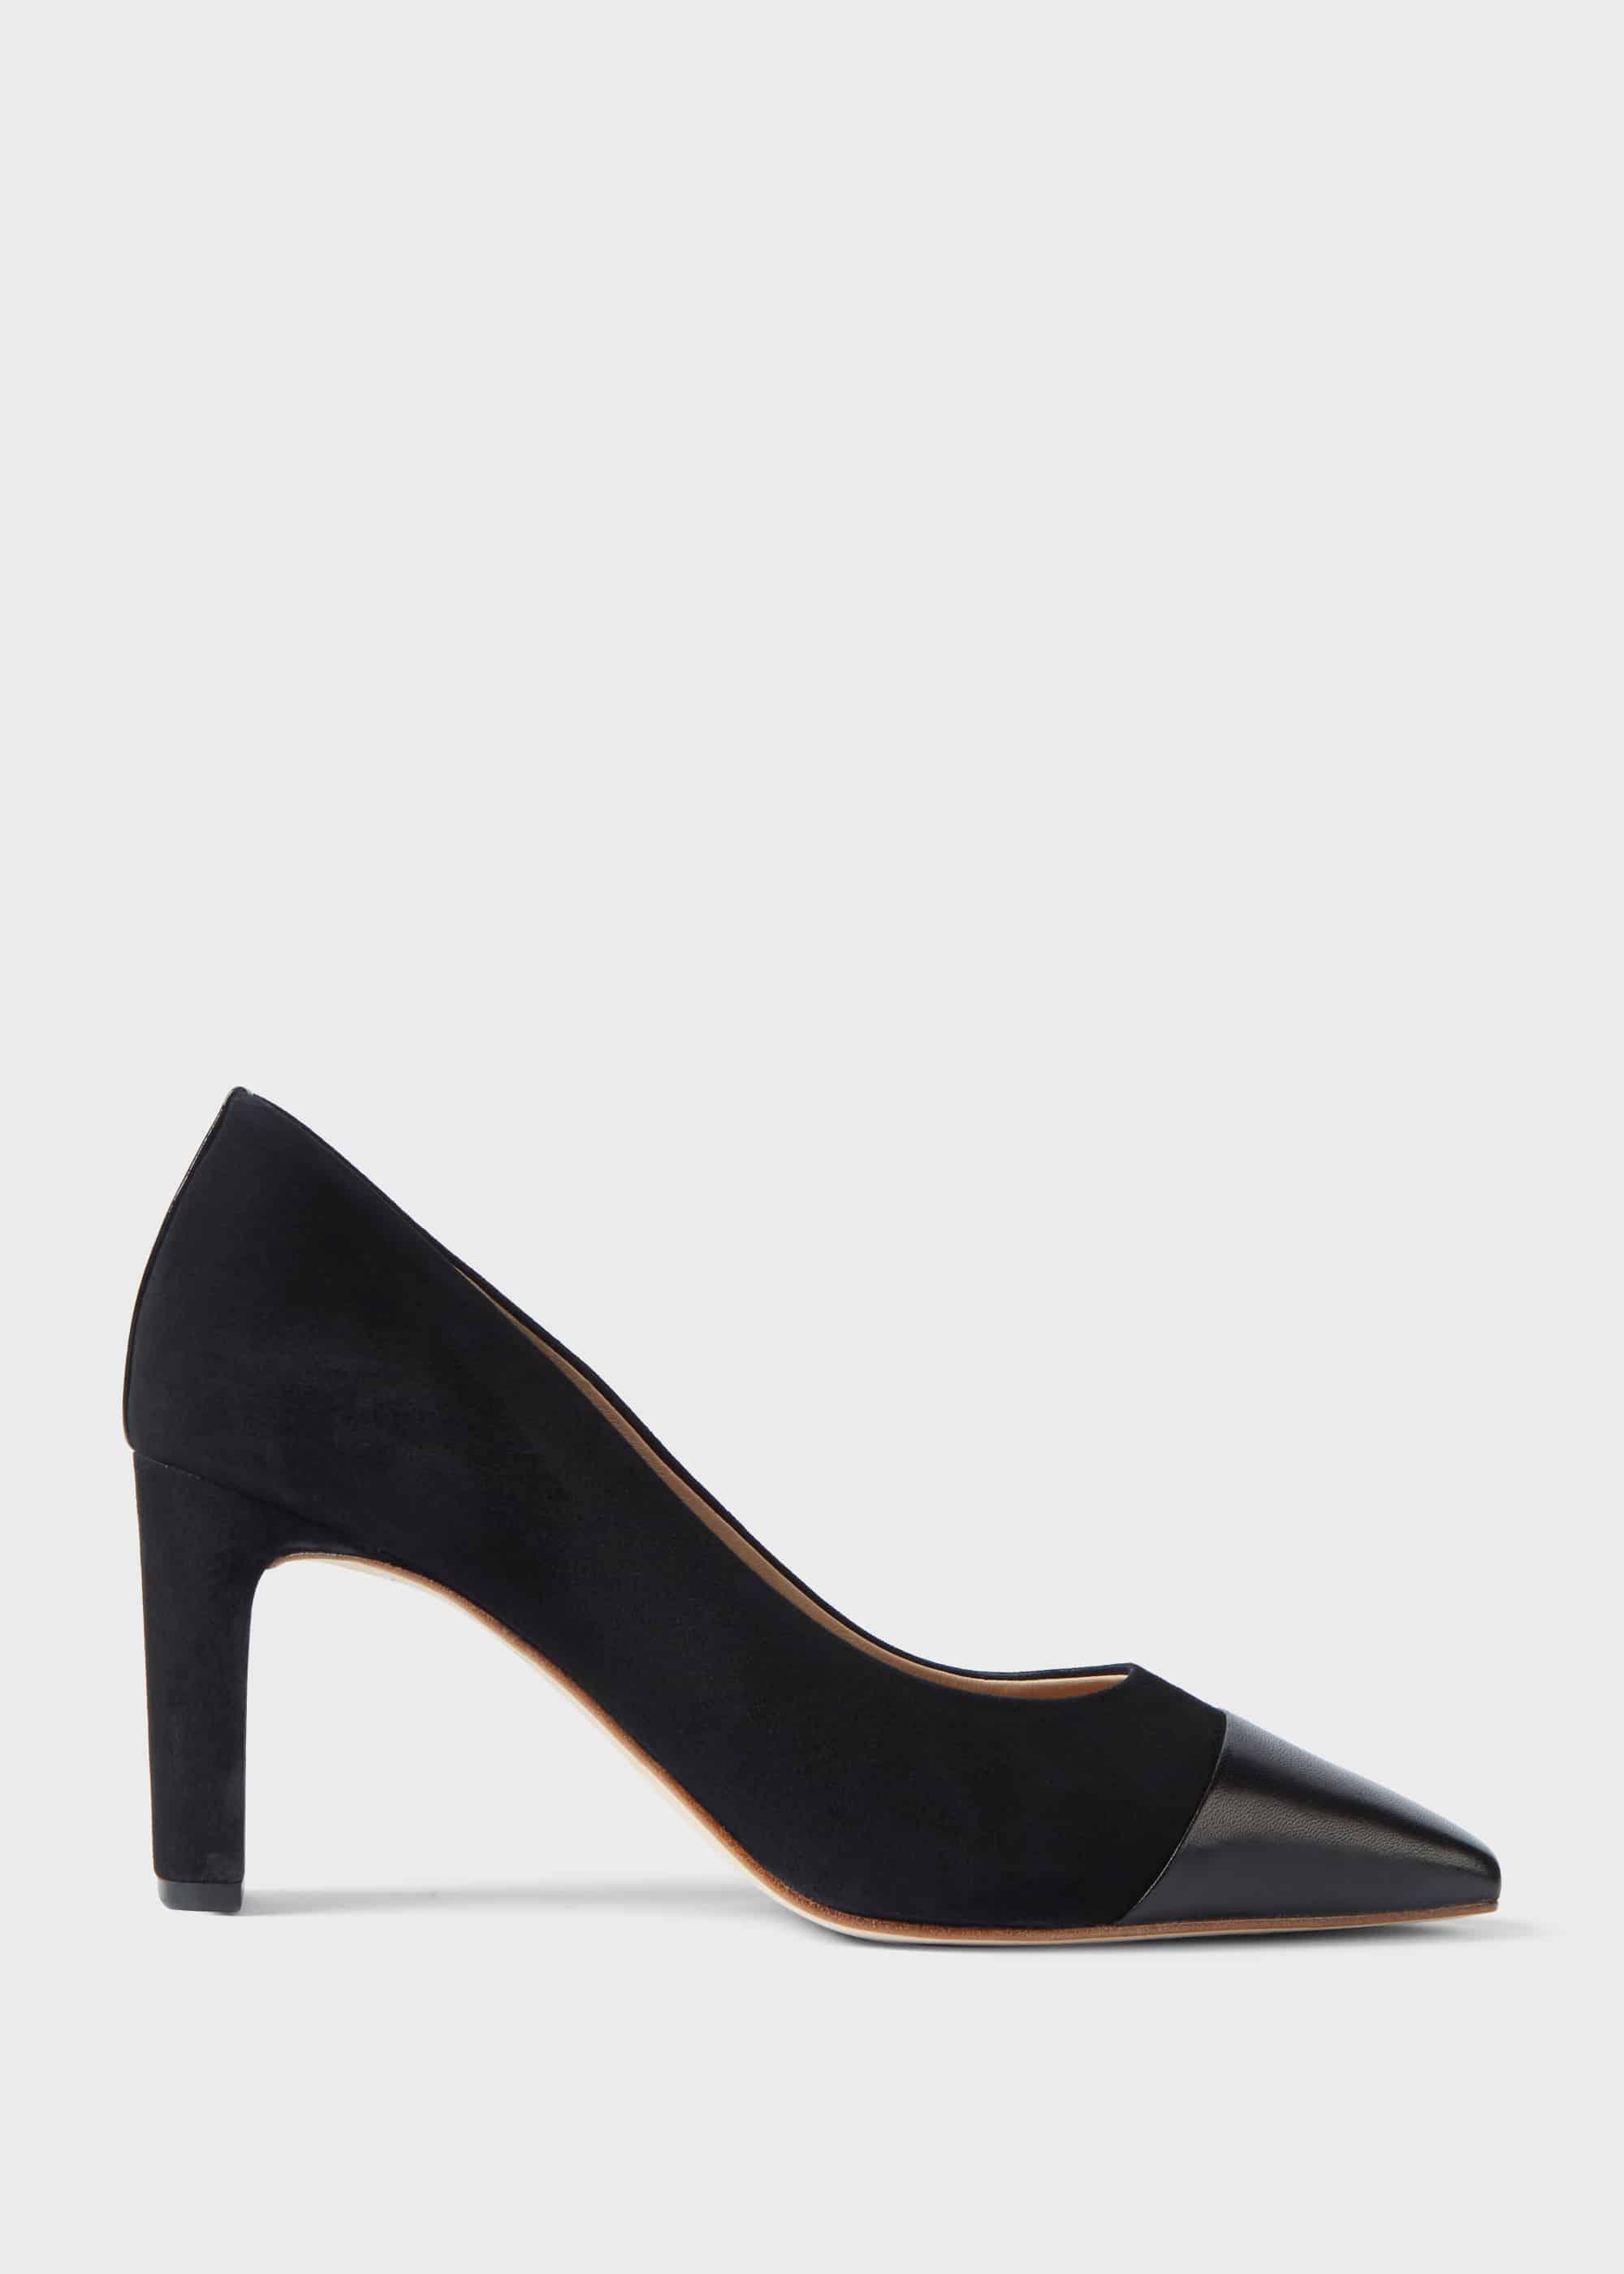 Hobbs Women Christina Suede Bock Heel Court Shoes